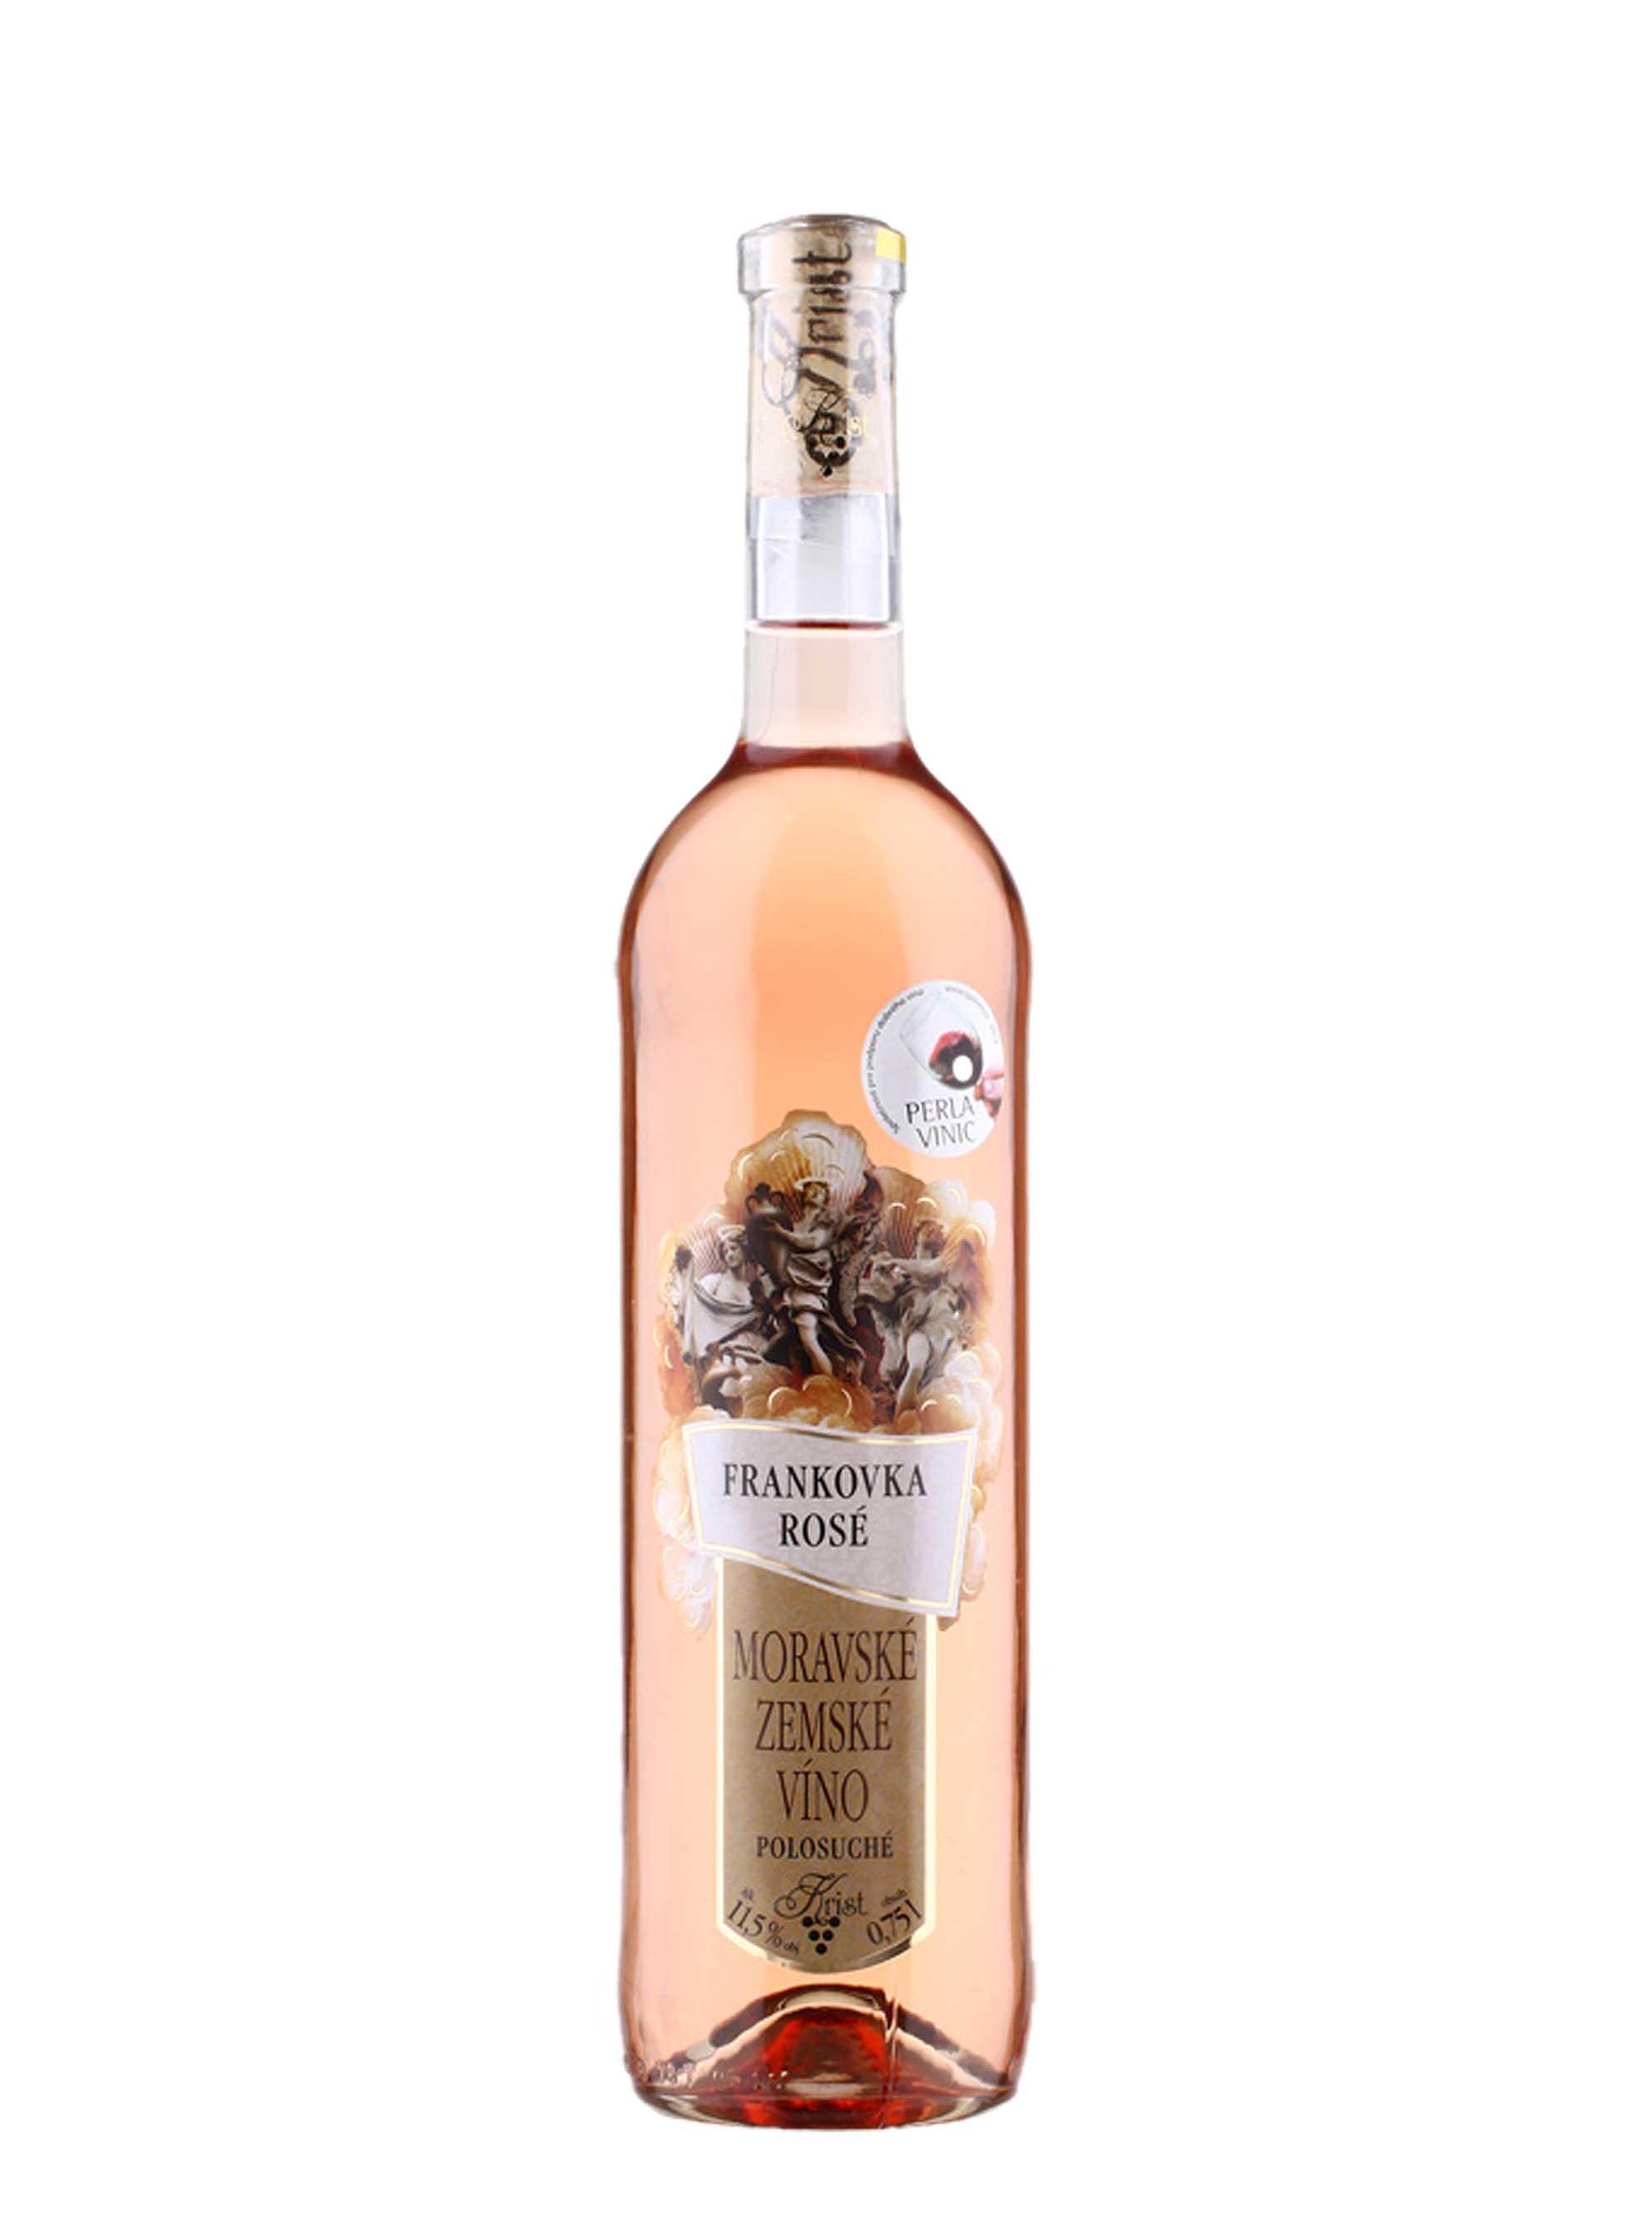 Frankovka rosé, Zemské, Vinařství Krist Milotice, 0.75 l